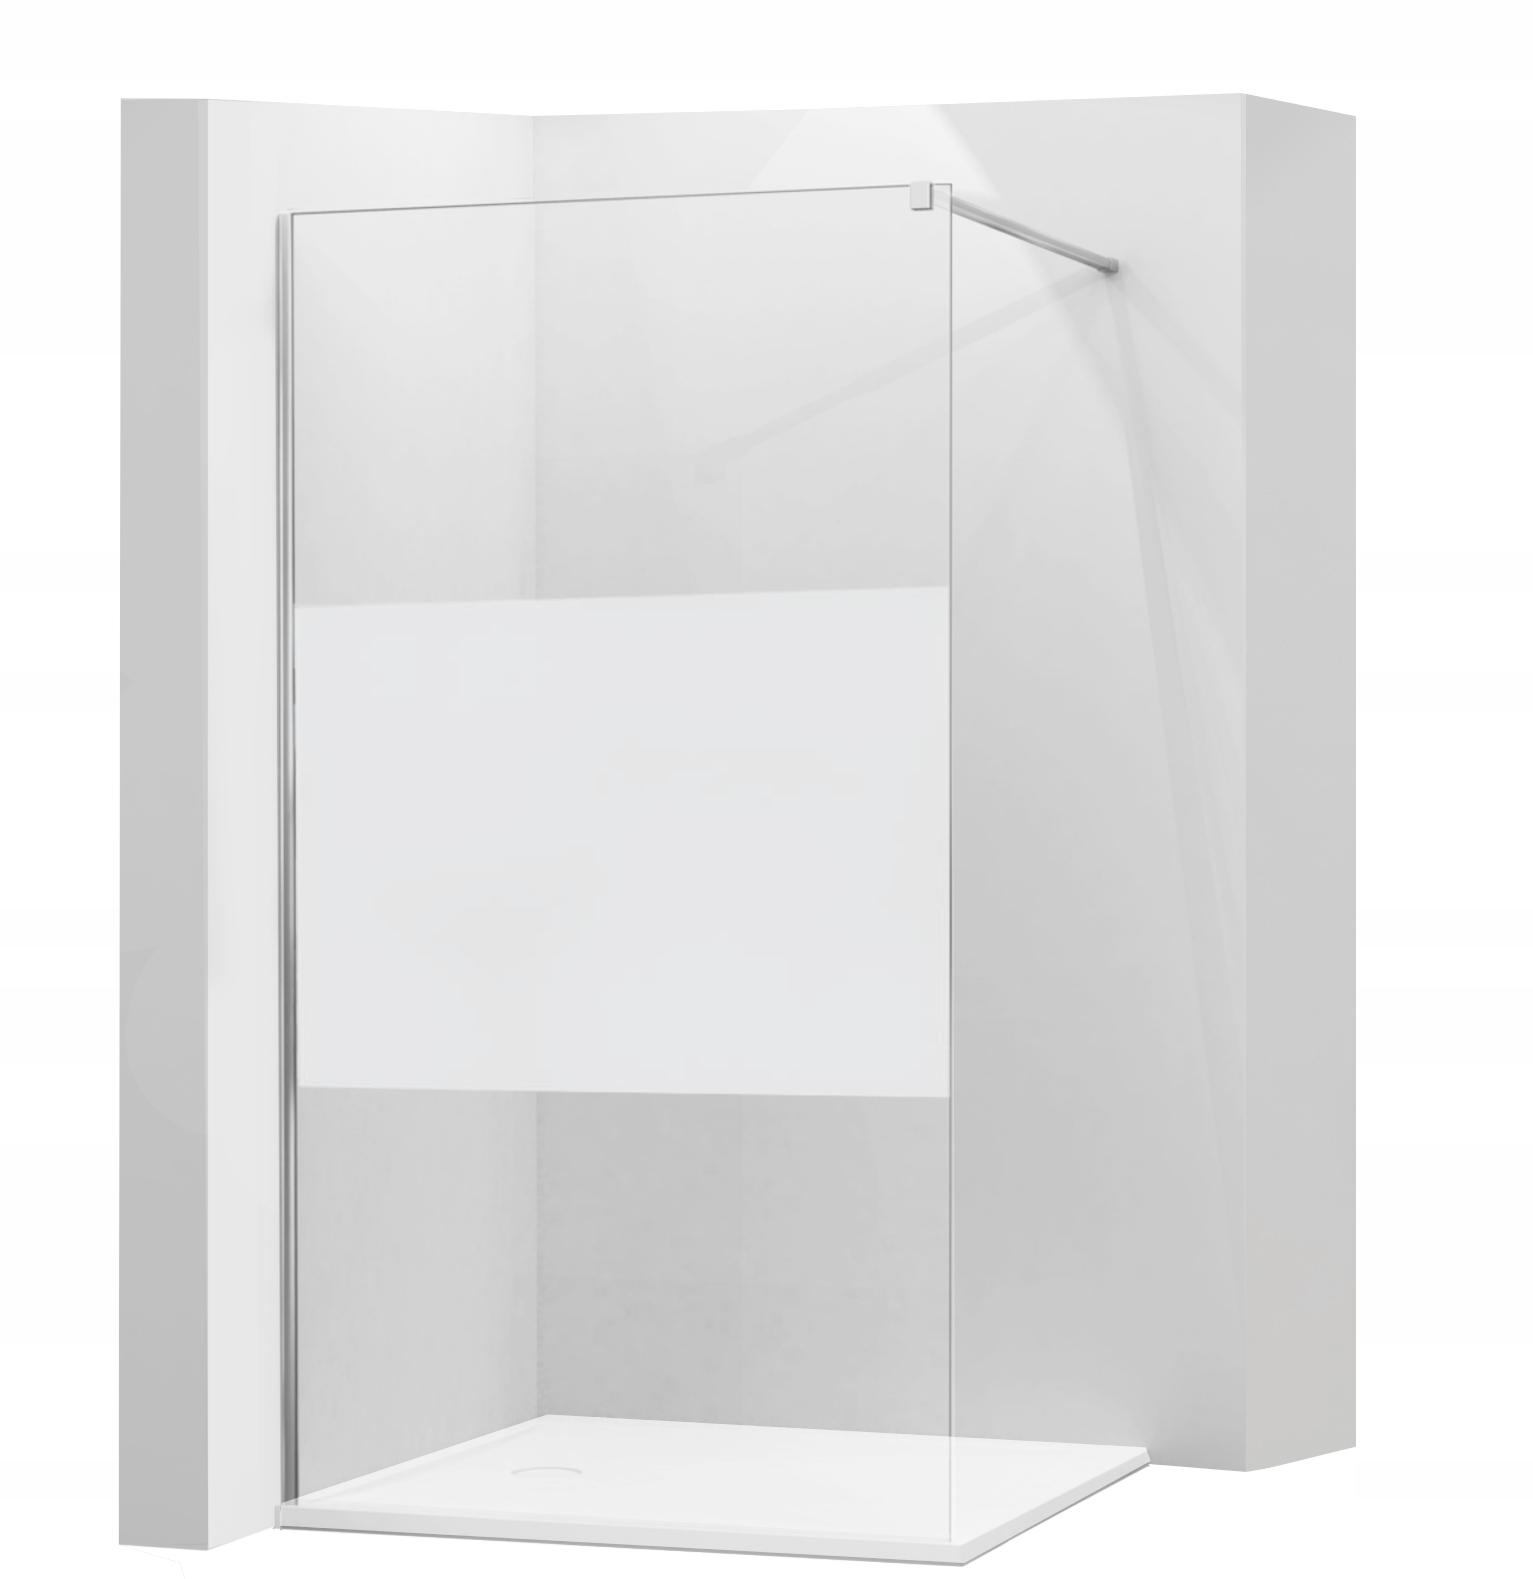 MEXEN KIOTO SPRCHOVÁ STENA 100x200 sklo 8 mm